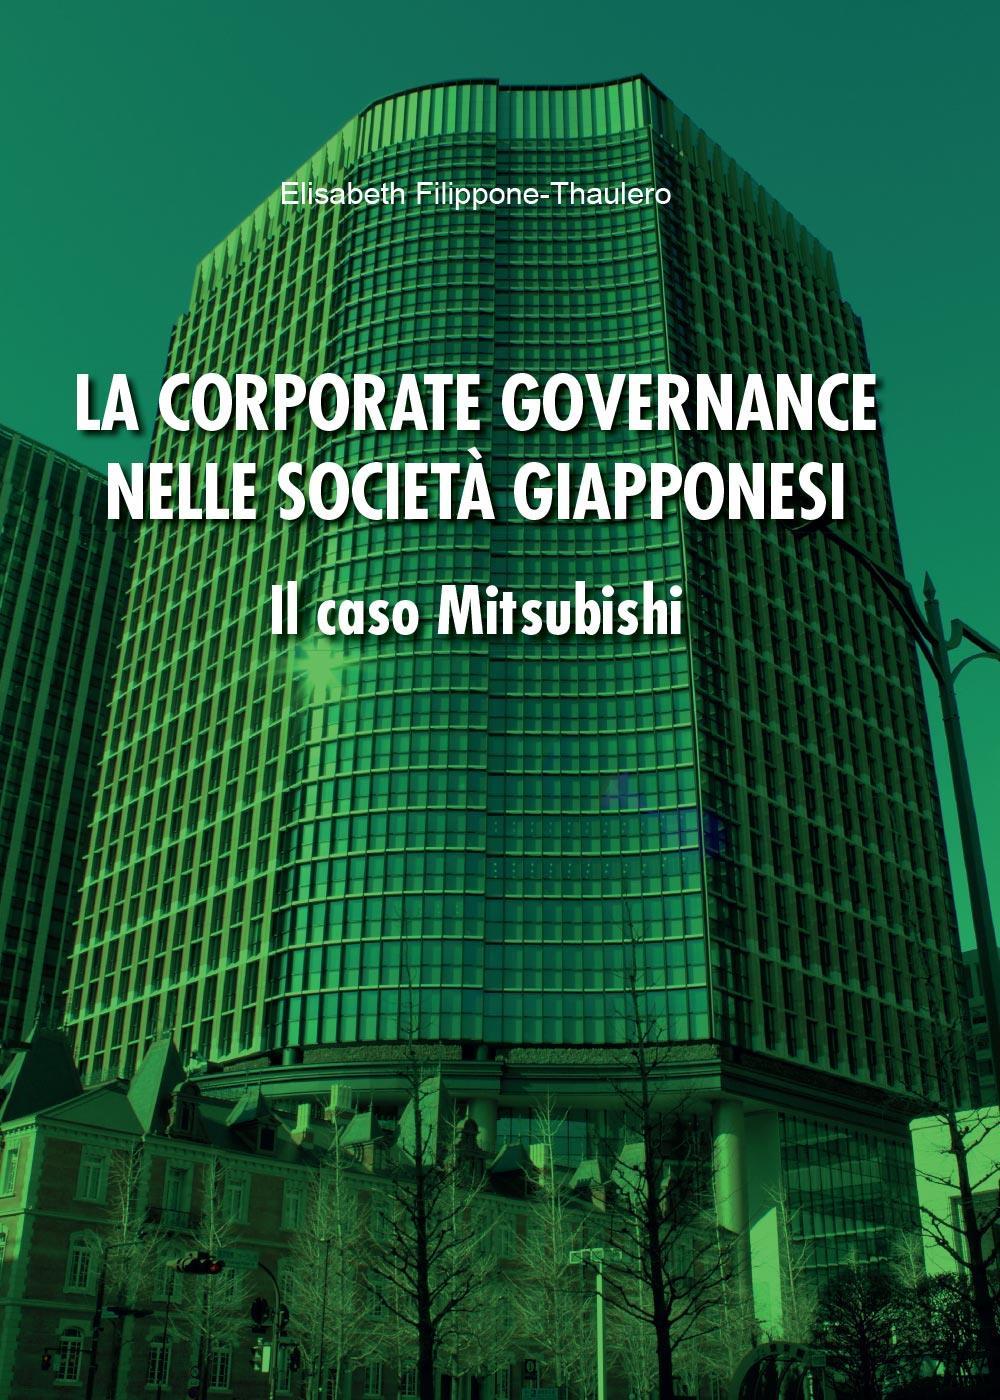 La corporate governance nelle società giapponesi. Il caso Mitsubishi